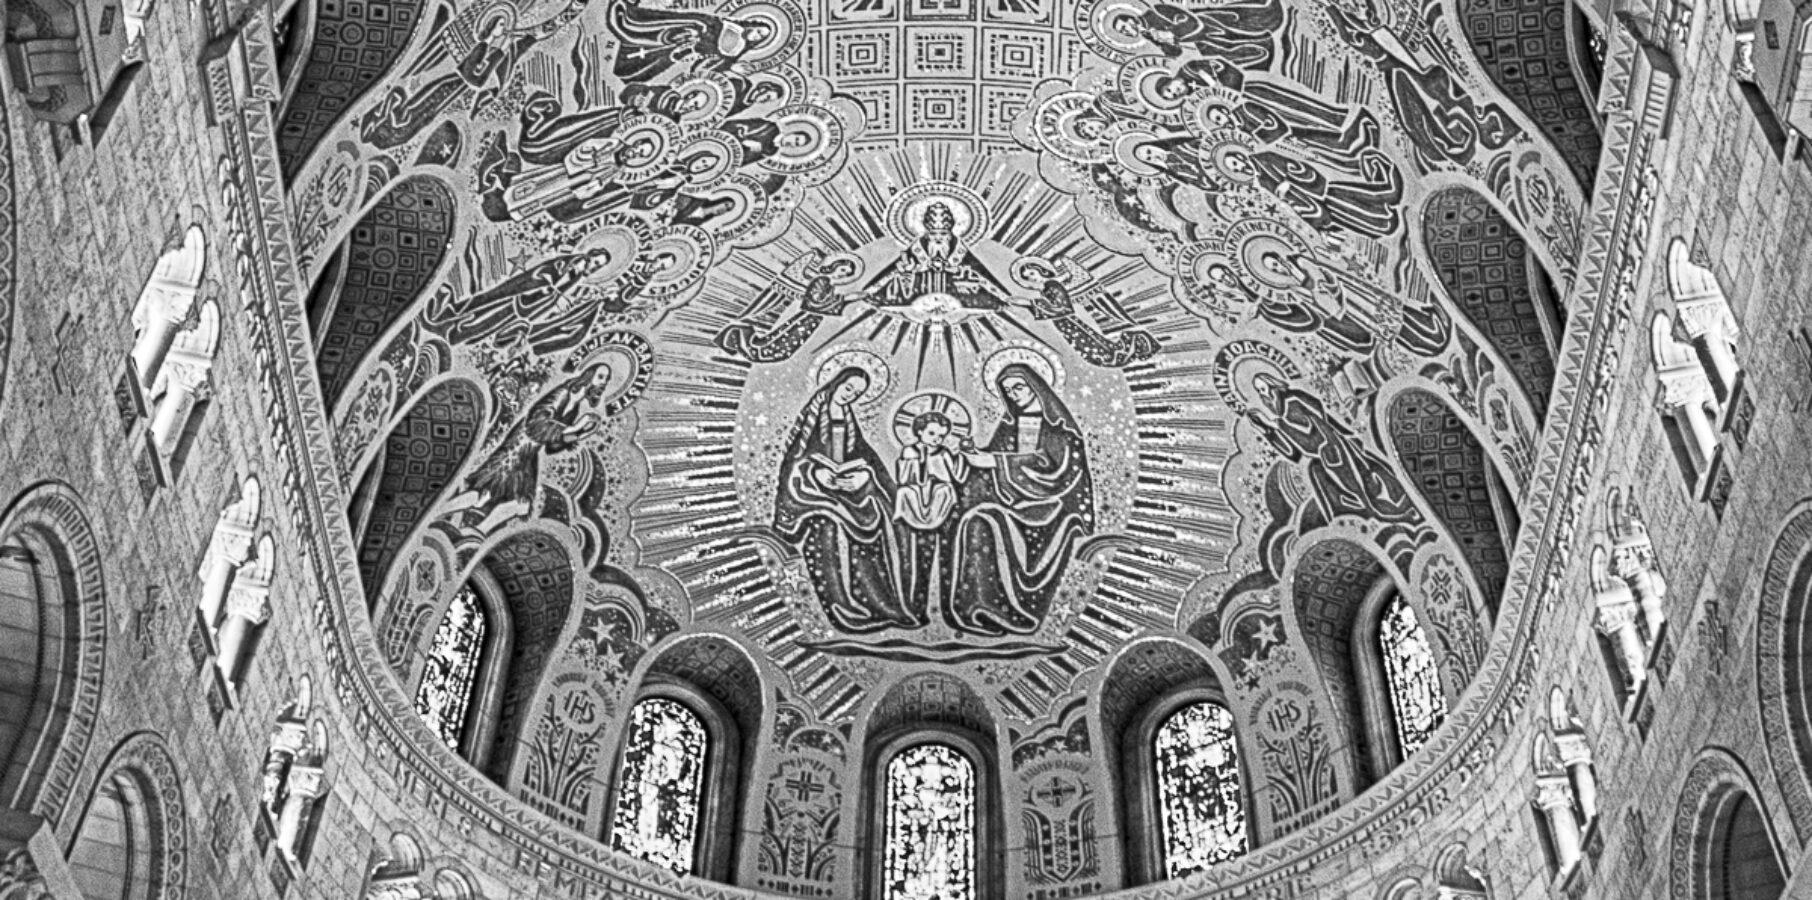 Le plafond de Ste-Anne-de-Beaupré pris en NetB